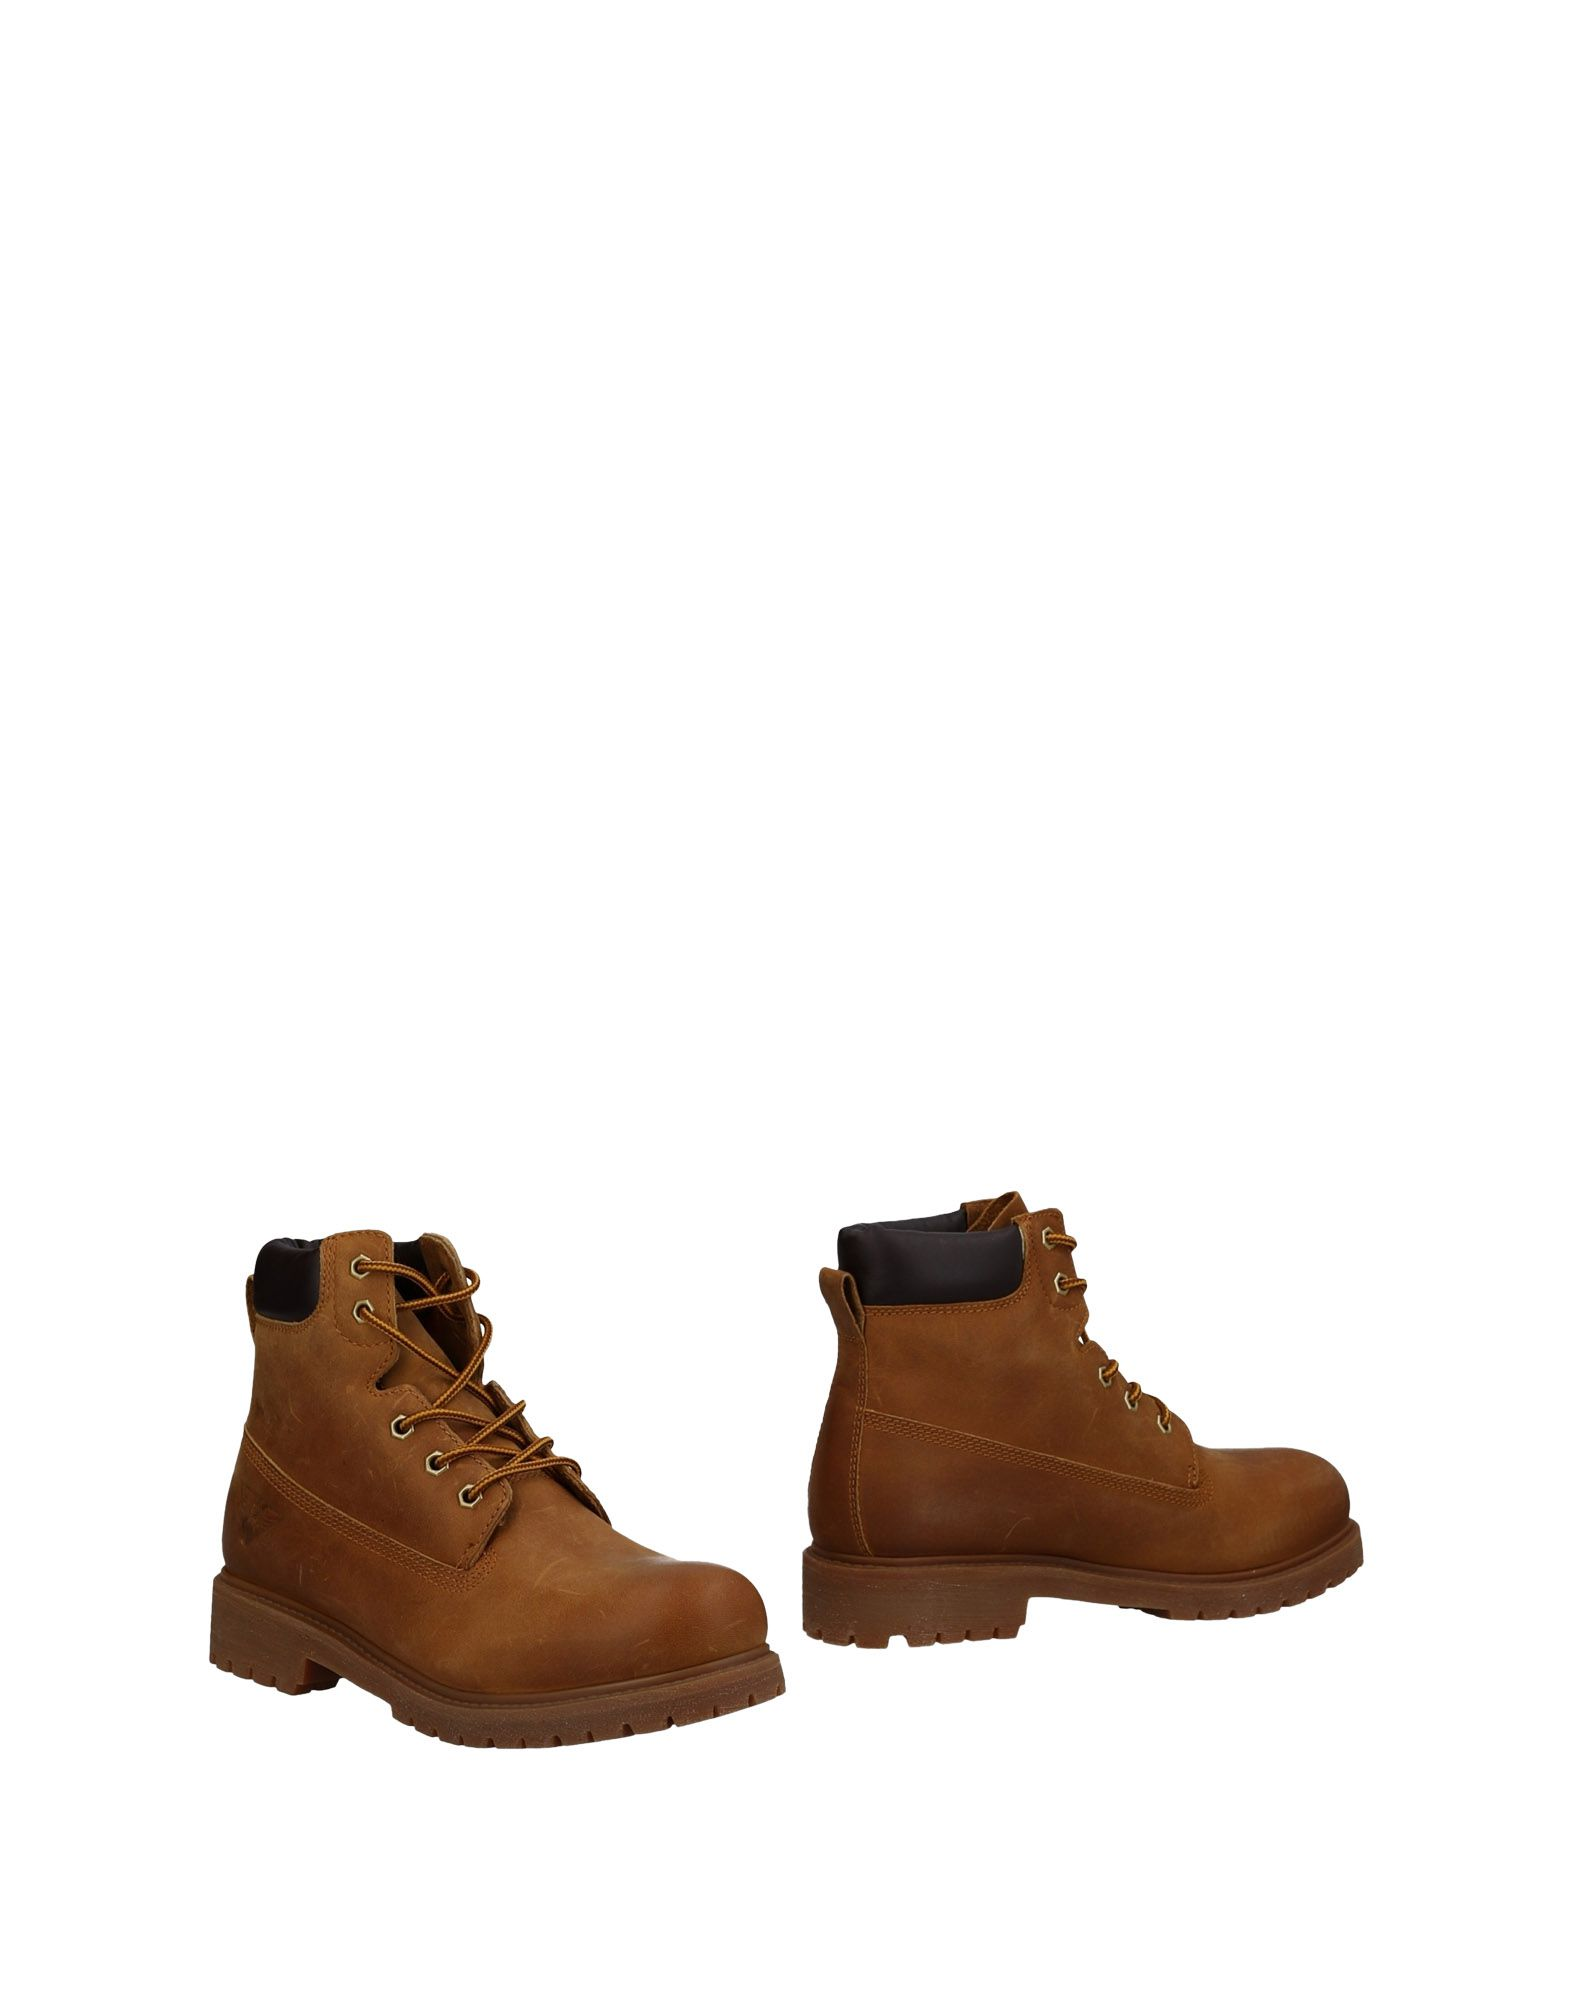 Rabatt echte  Schuhe Docksteps Stiefelette Herren  echte 11484780CC 5989cf